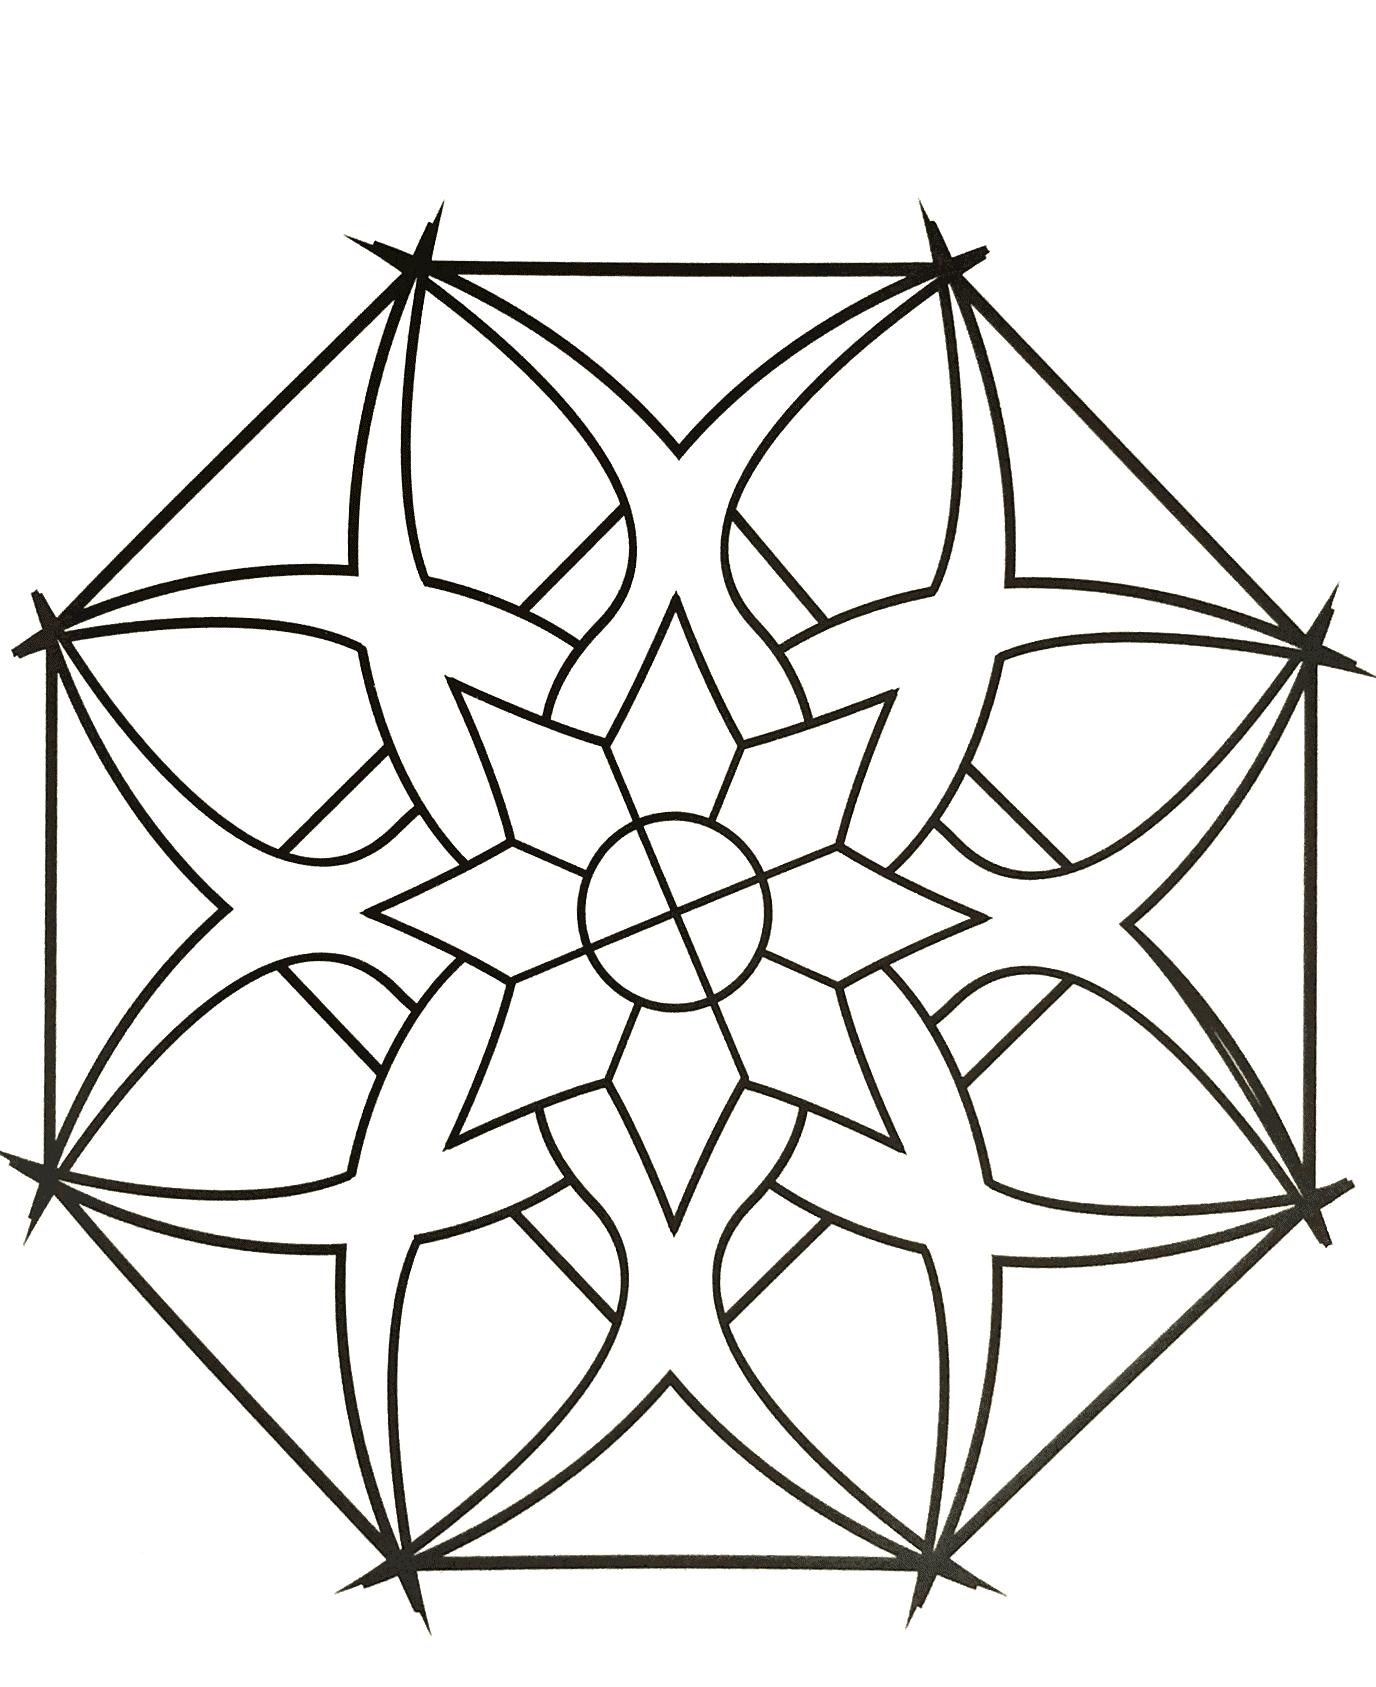 Mandalas A Imprimer Gratuit 69 - Mandalas De Difficulté tout Mandala À Colorier Et À Imprimer Gratuit